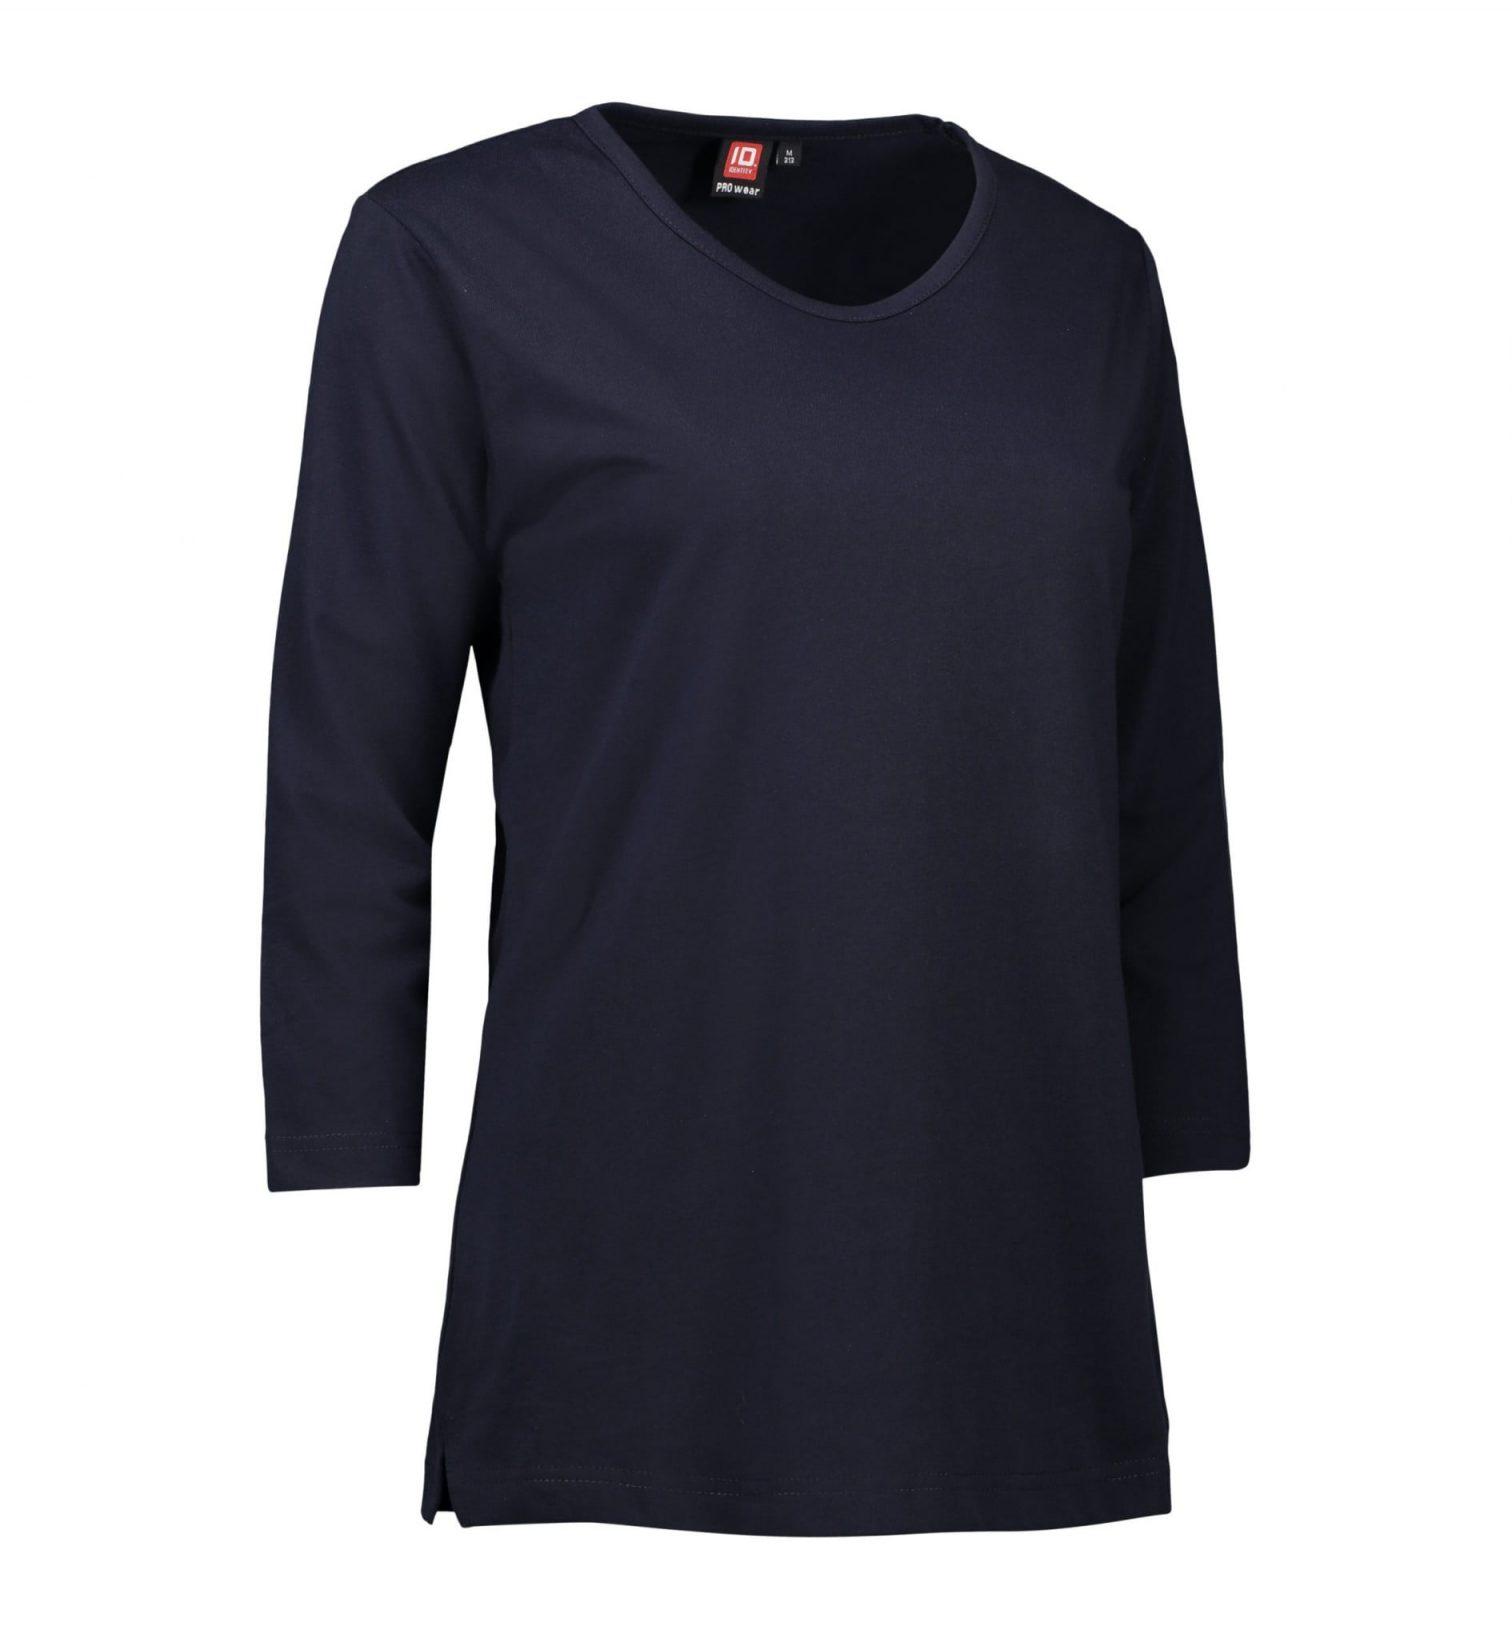 ID PRO Wear T-shirt 3/4-ærmet dame navy